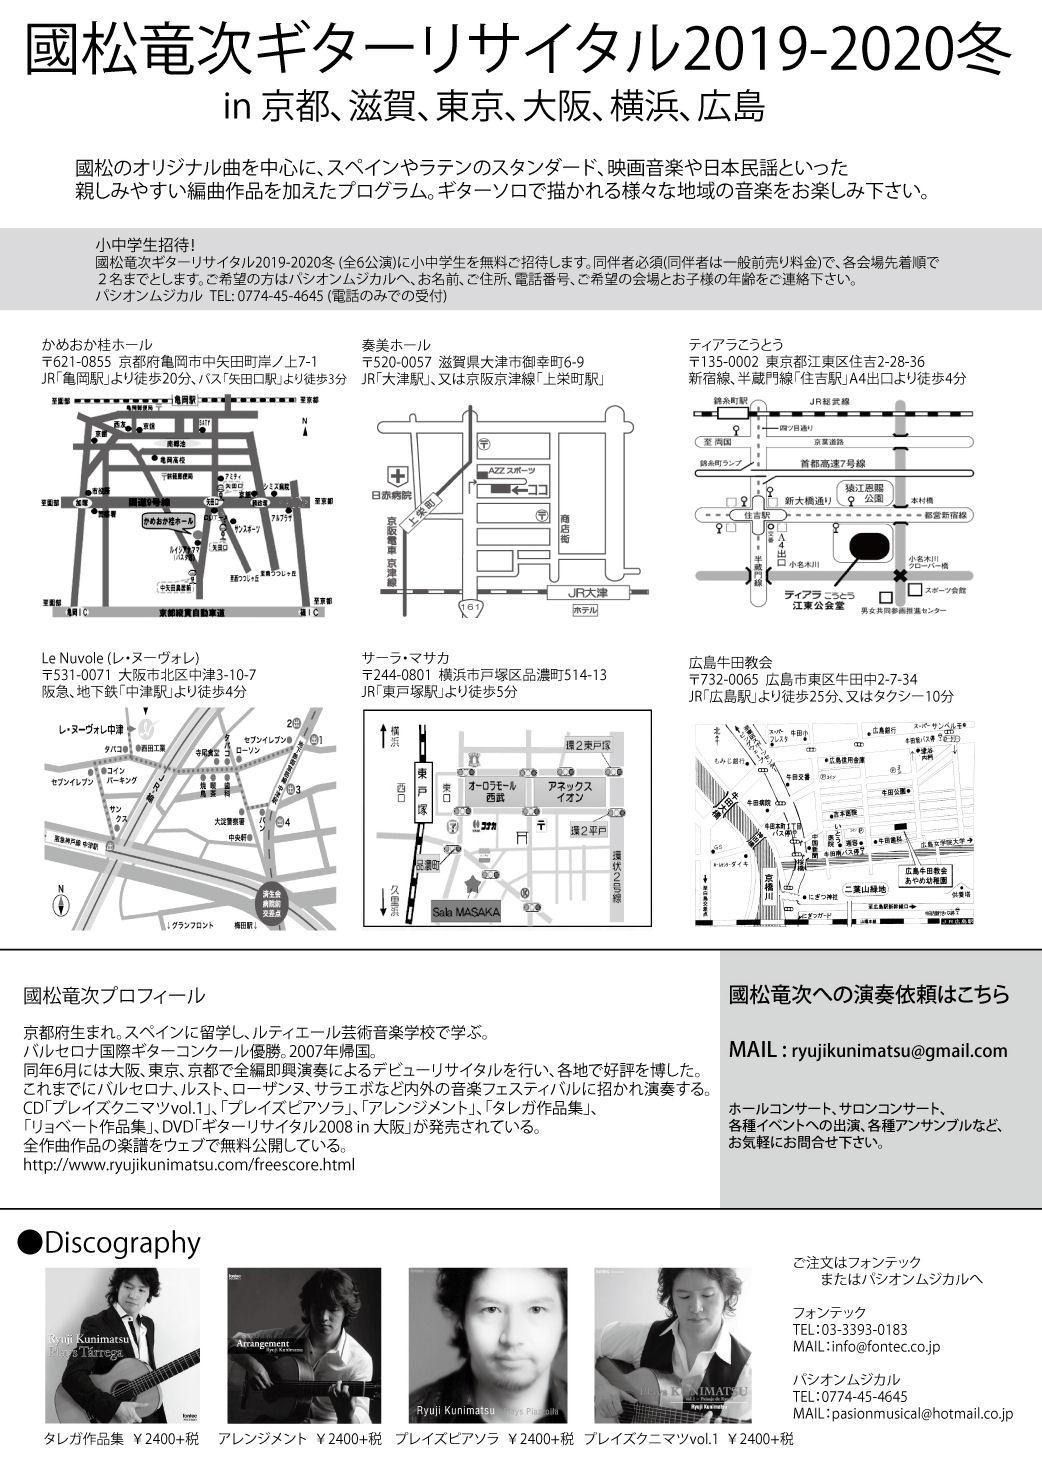 國松竜次ギターリサイタル2019-2020冬